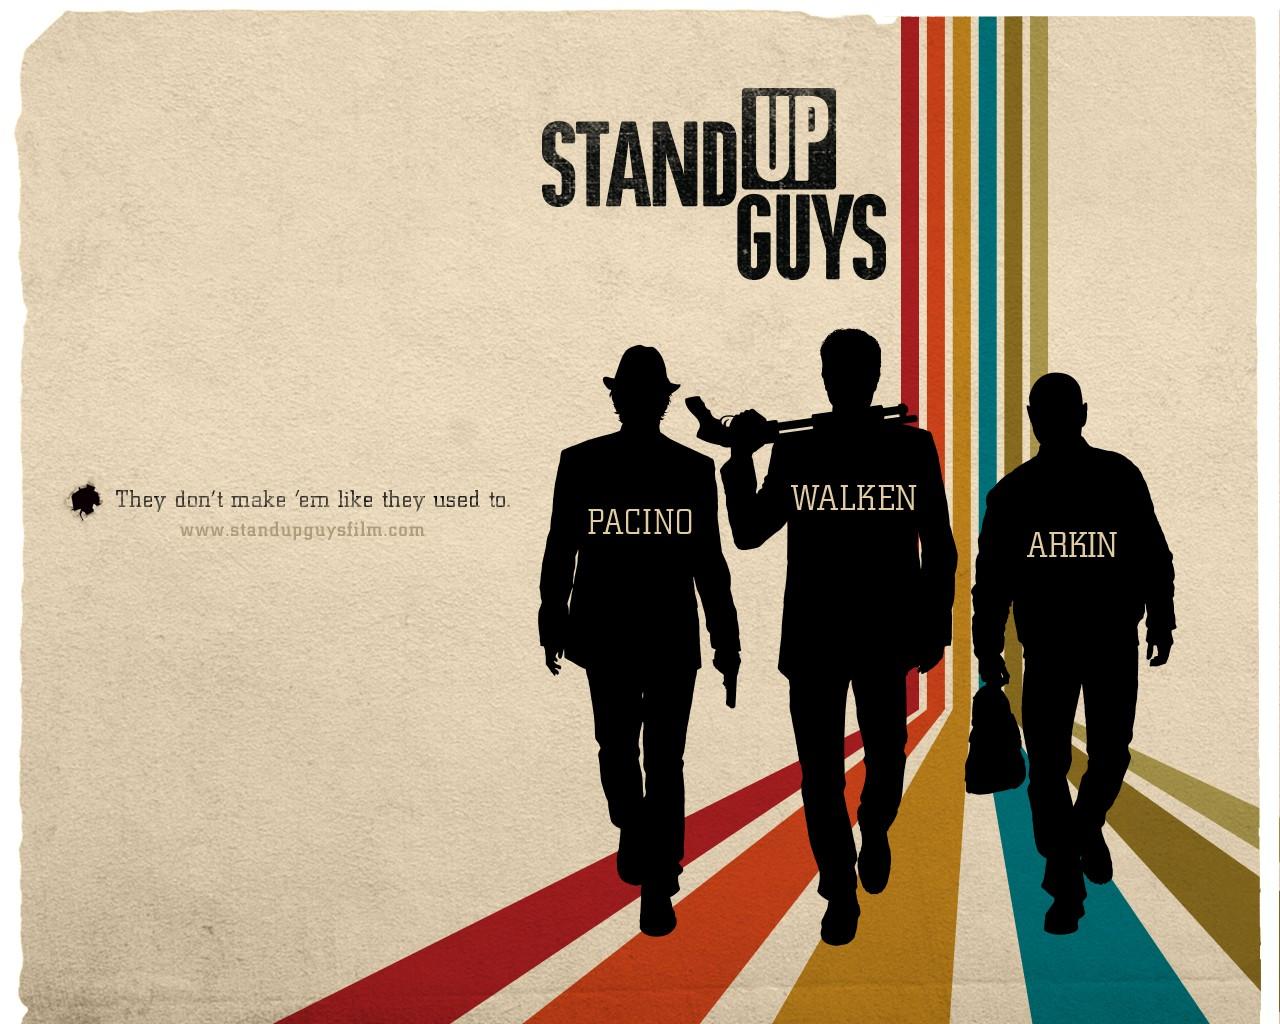 stand-up-guys02.jpg